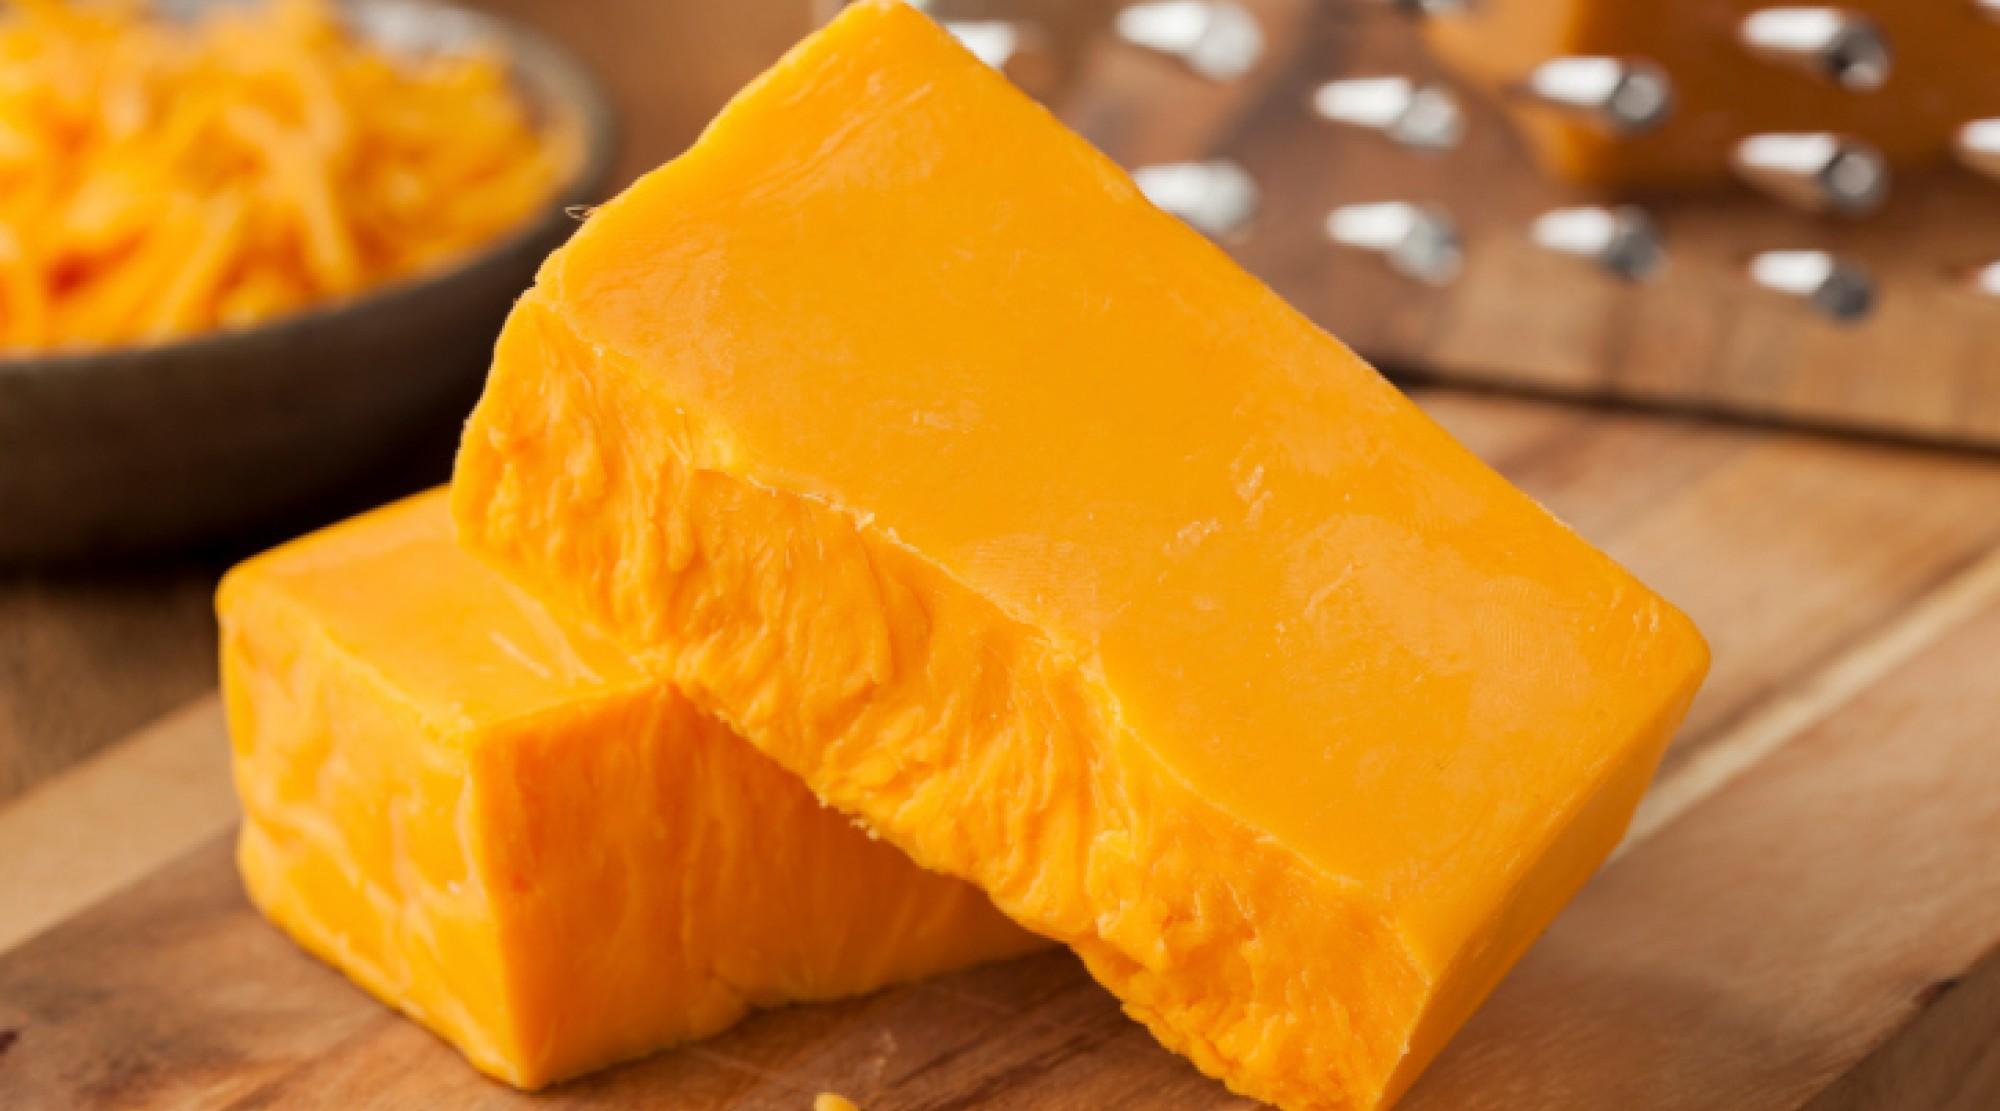 Cheddar cheese - image | Fondue.bg